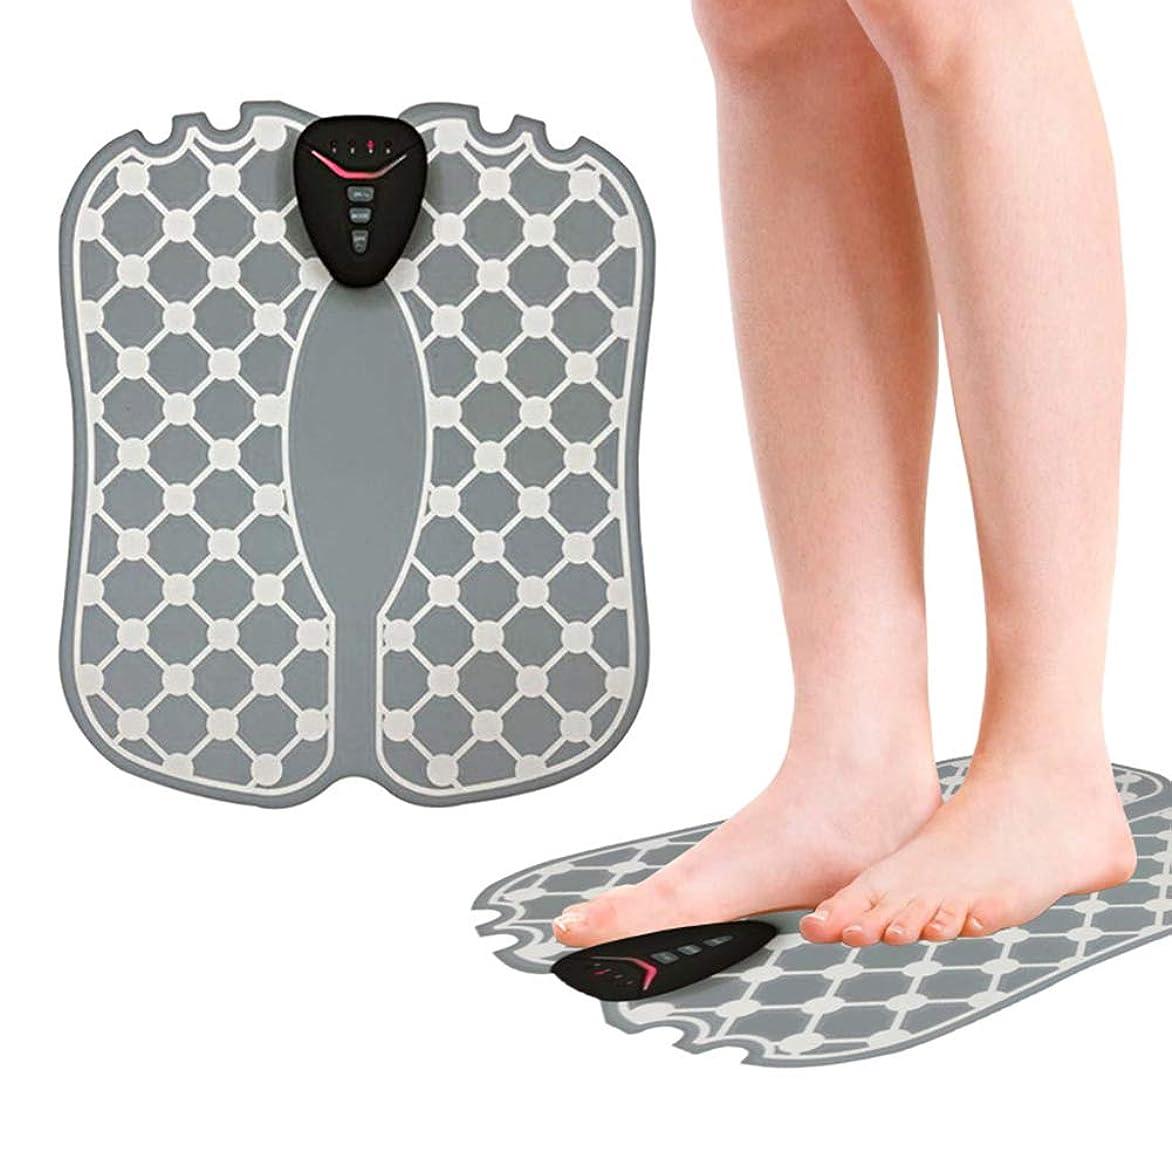 モンク訴える窒素ポータブルEMSインテリジェント電動フットマッサージマット折りたたみ - 足&脚用の血液循環筋肉の痛みを軽減の推進